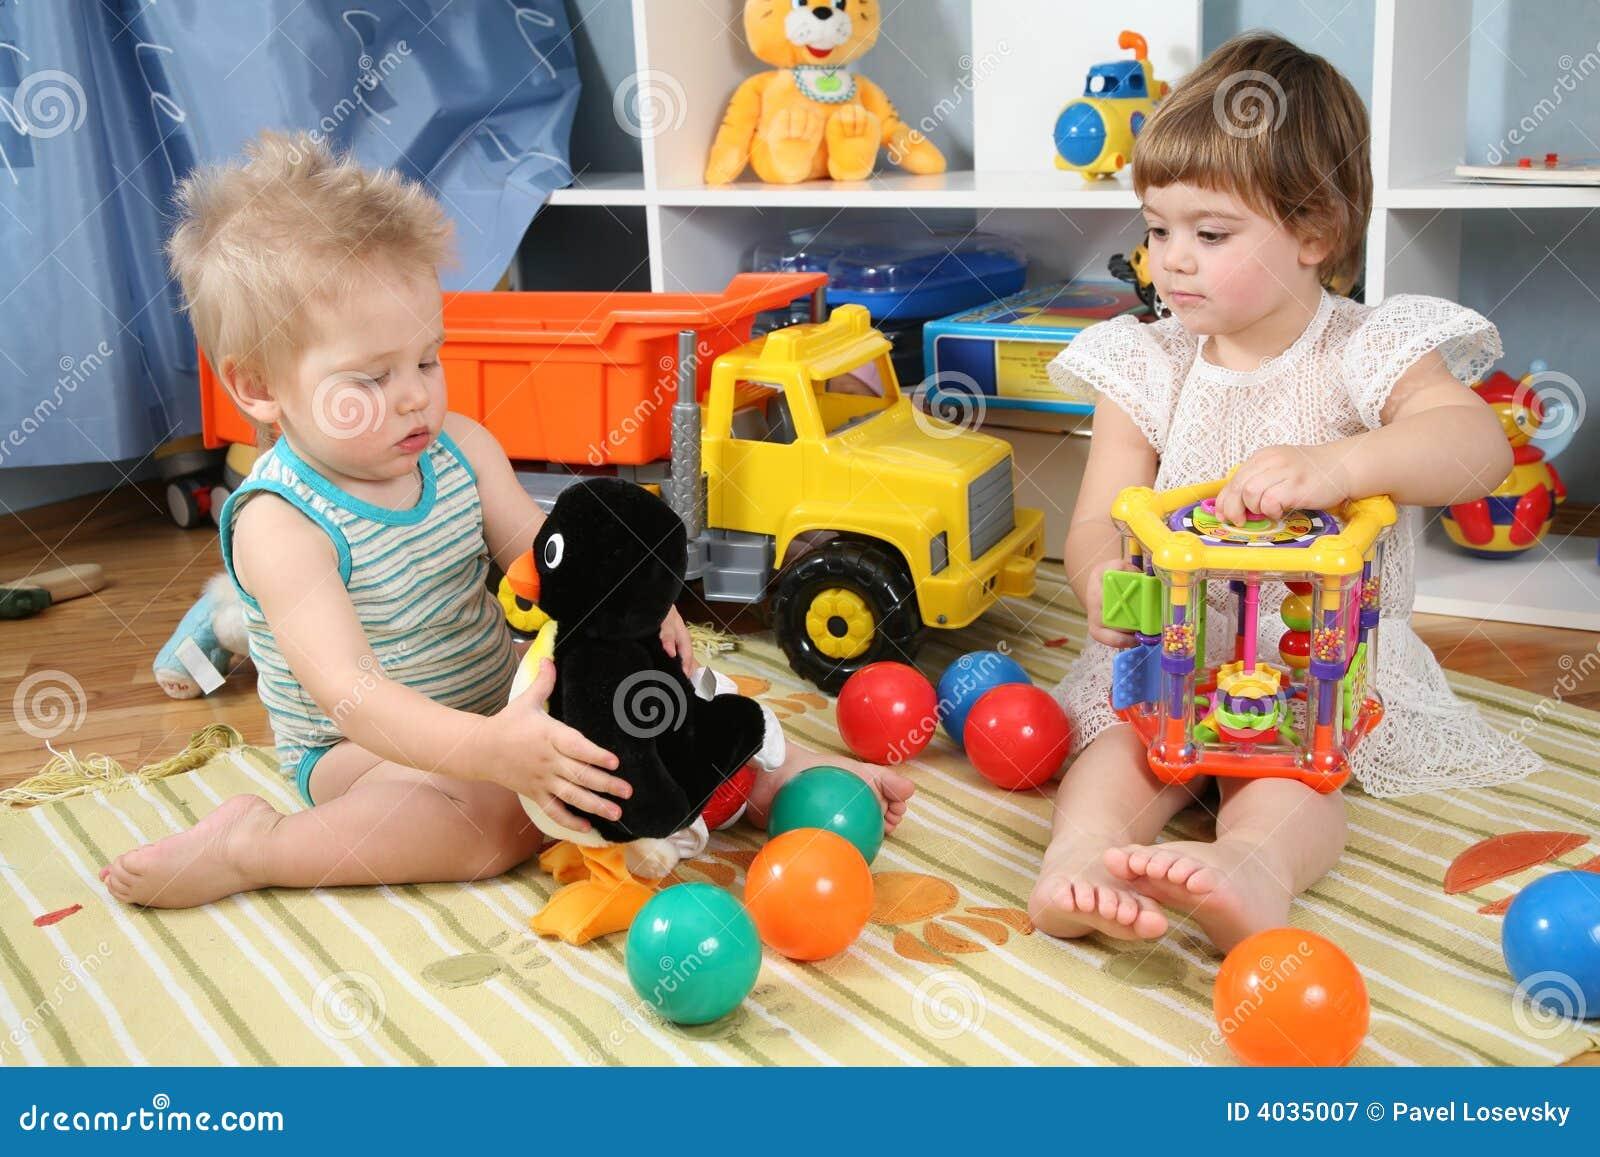 deux enfants dans la salle de jeux avec des jouets image. Black Bedroom Furniture Sets. Home Design Ideas